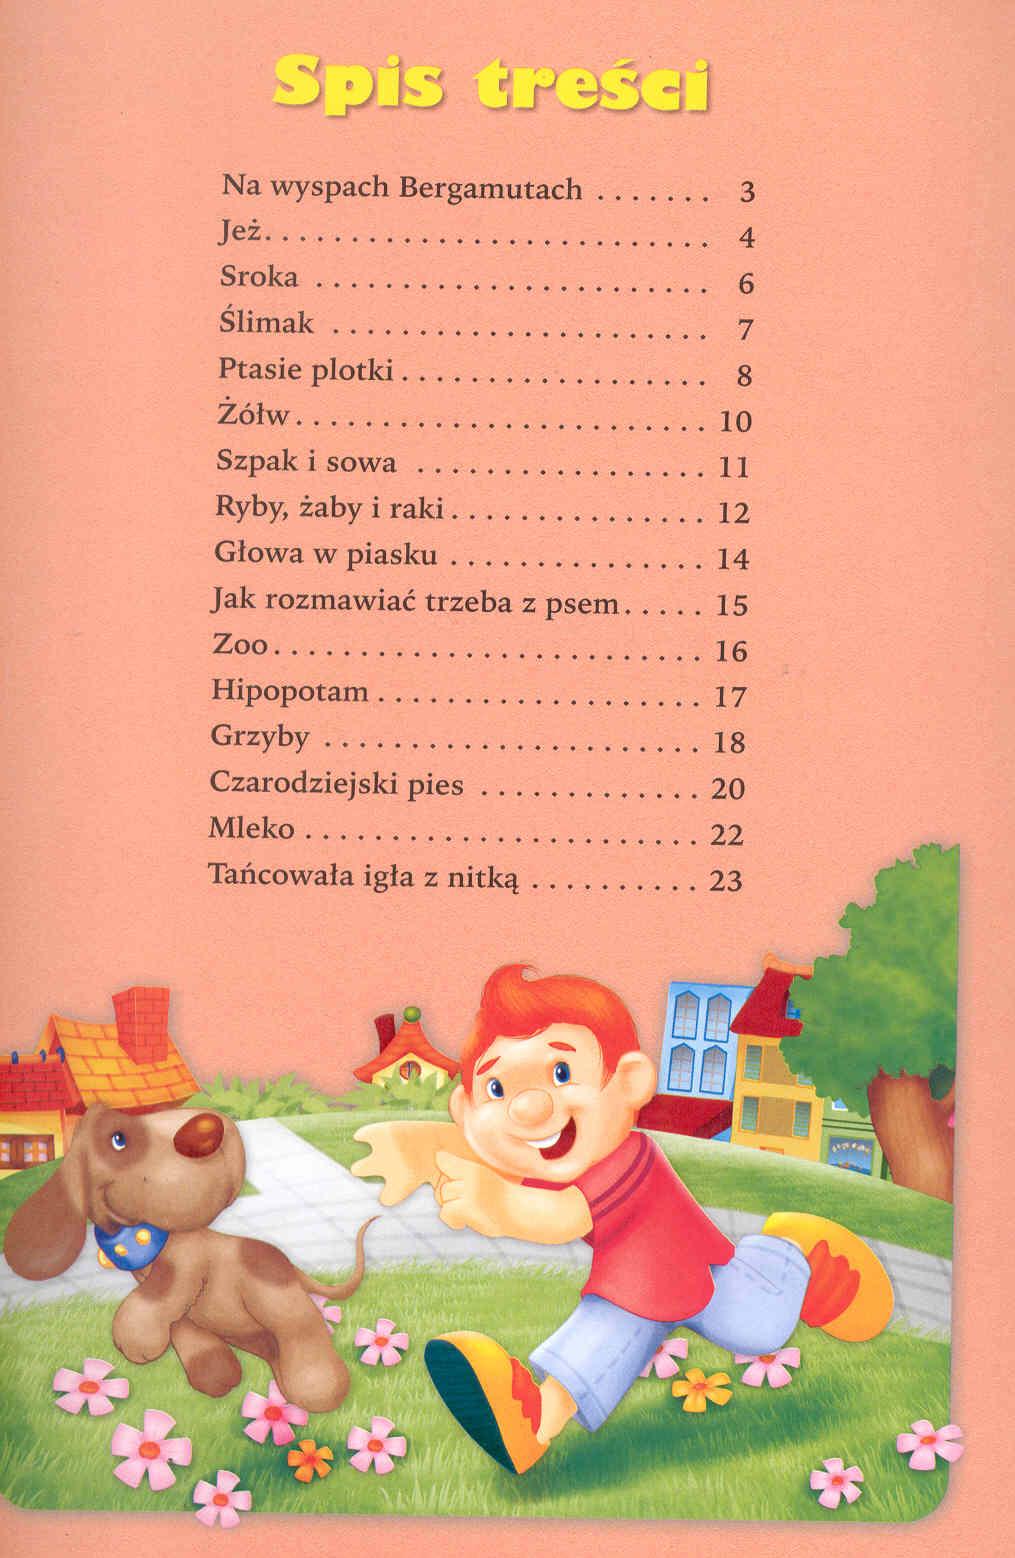 Dodatki W Kiosku Sklepy Wiersze Jana Brzechwy